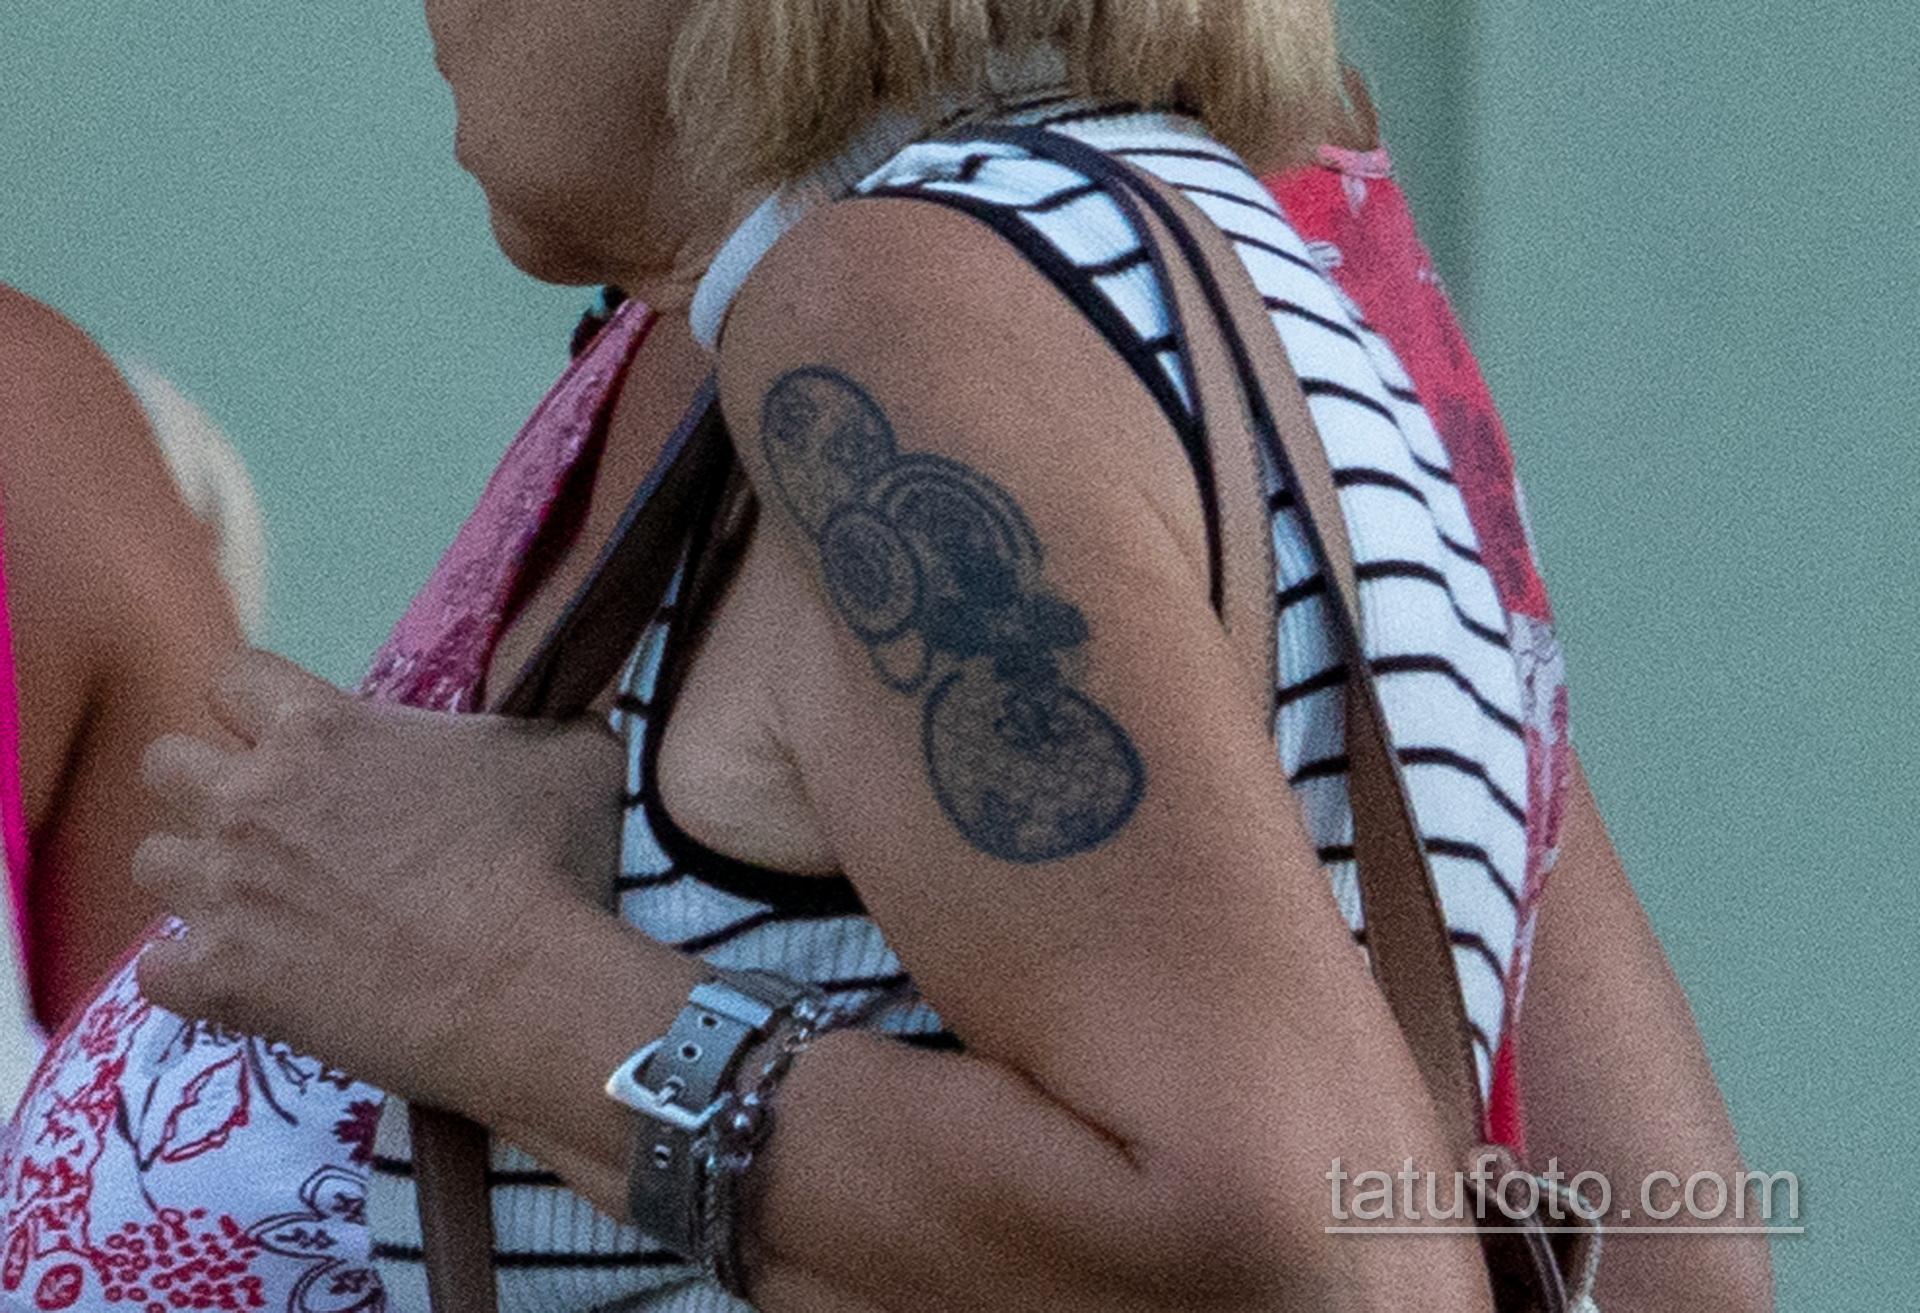 Татуировка с кругами на правом плече женщины в возрасте – Уличная татуировка 14.09.2020 – tatufoto.com 2